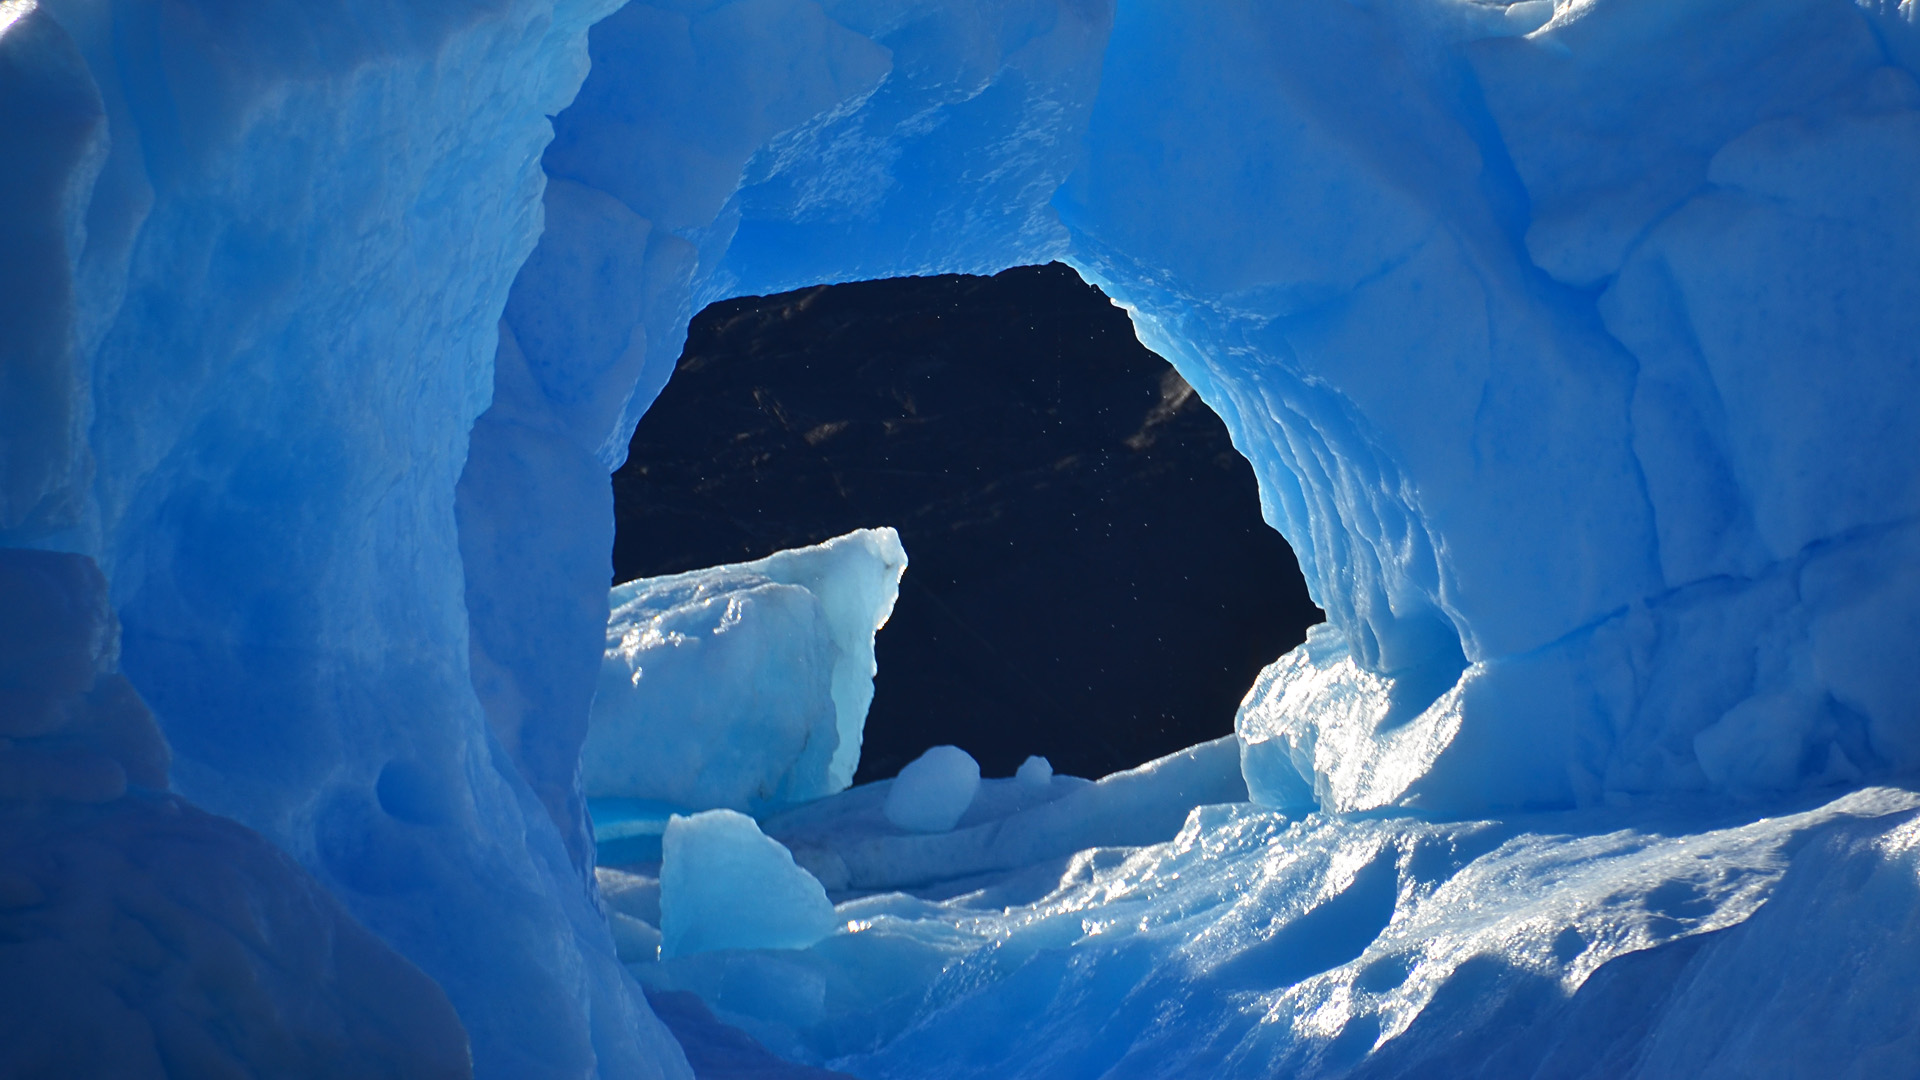 En el área central las precipitaciones aumentan a unos 400 mm anuales y son mayormente de origen Pacífico. Aparecen glaciares de mayor tamaño y son muy frecuentes los glaciares cubiertos por detritos (Foto del Parque Nacional Los Glaciares)